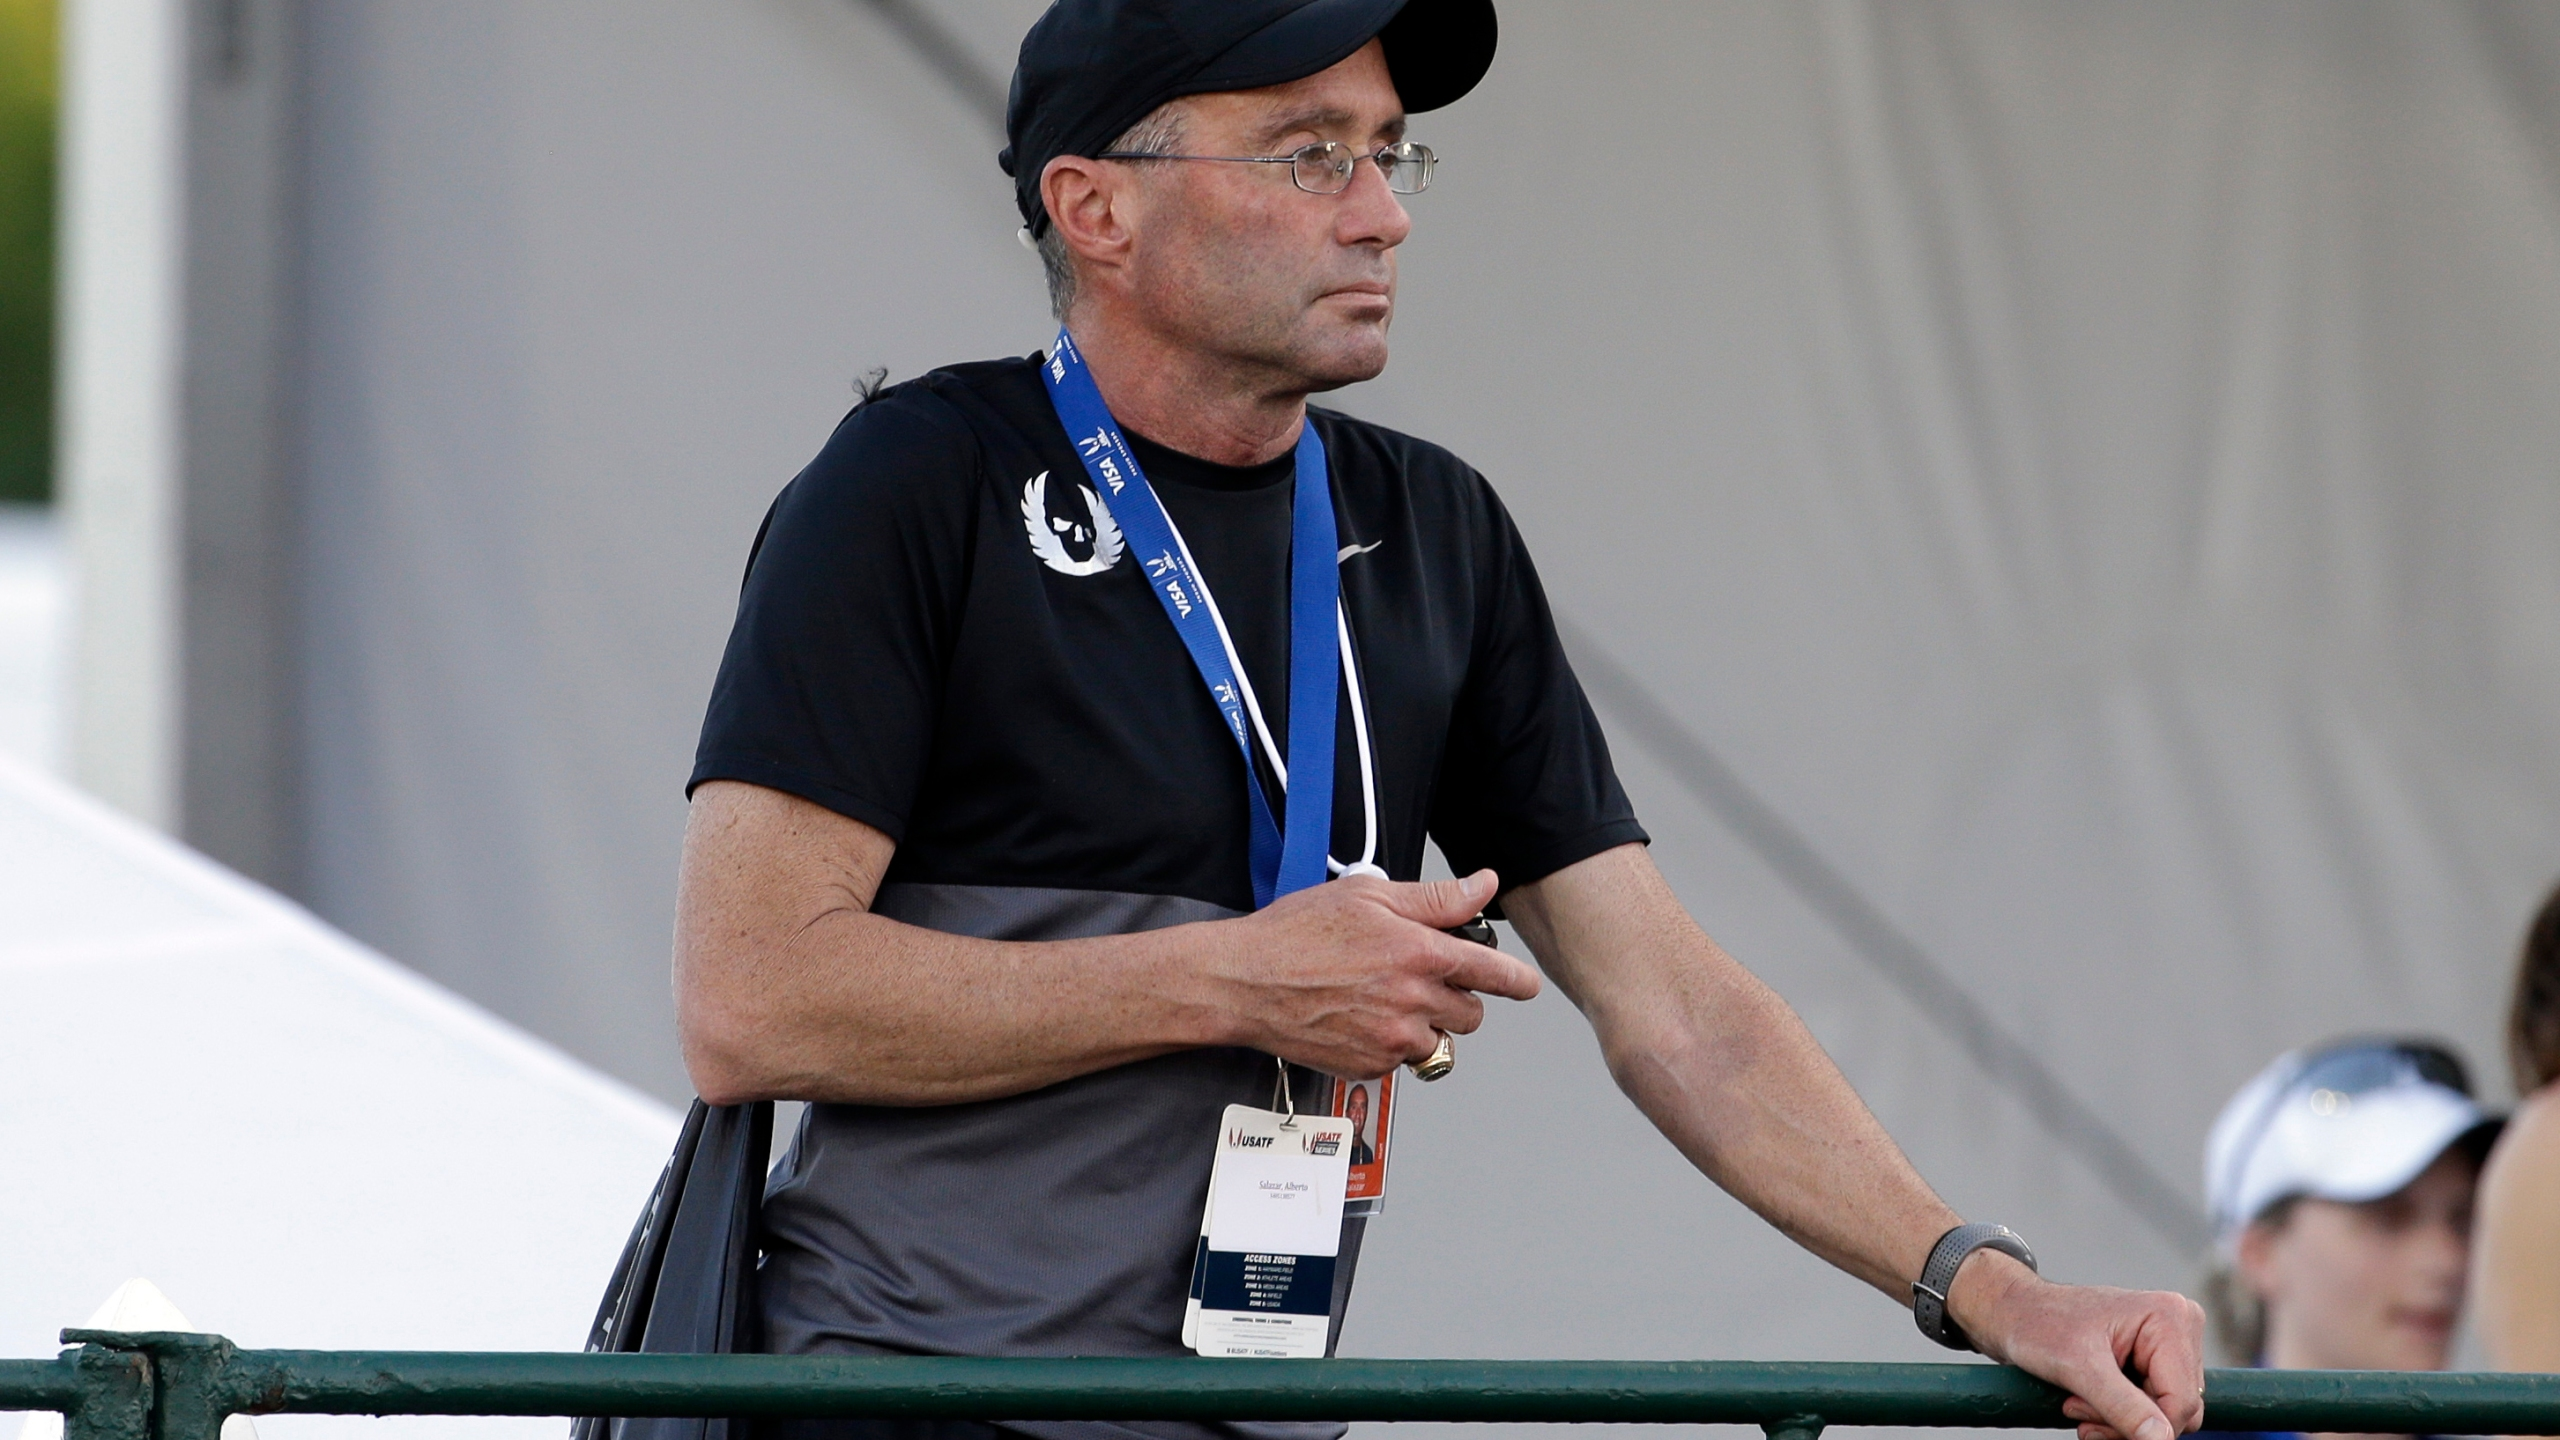 Alberto Salazar